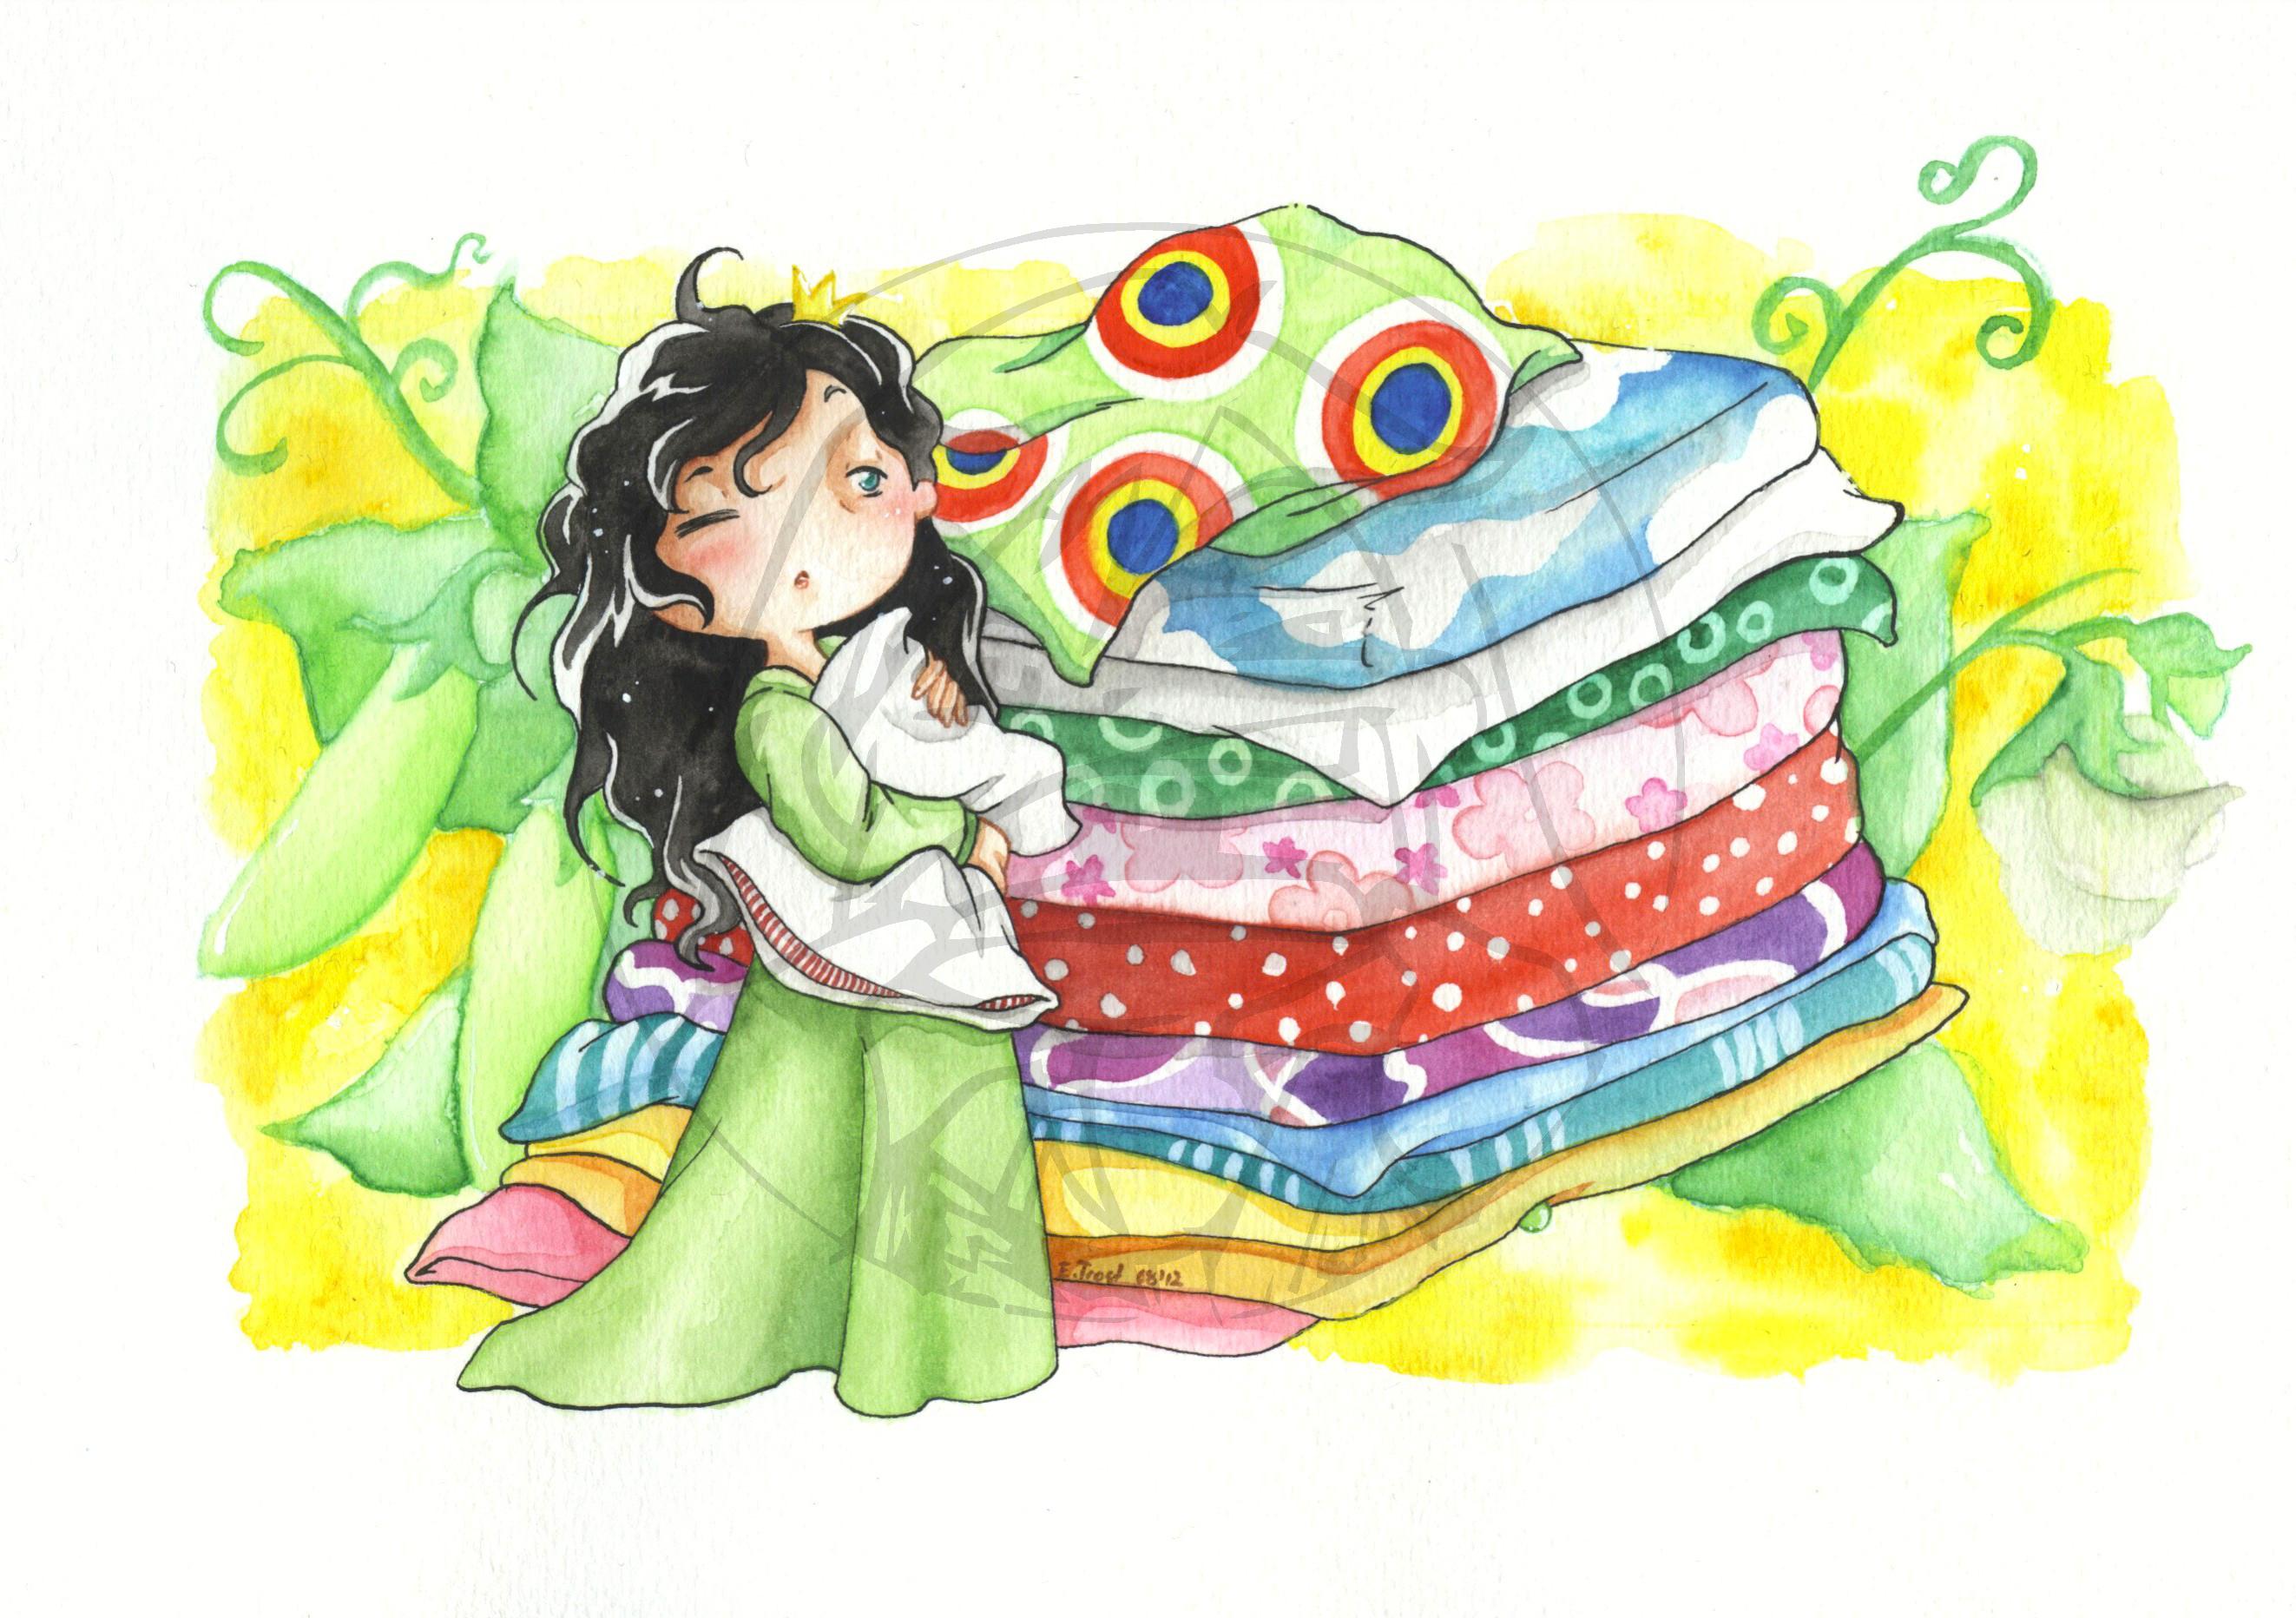 bild 2 von 3 aus dem album märchenillustrationen